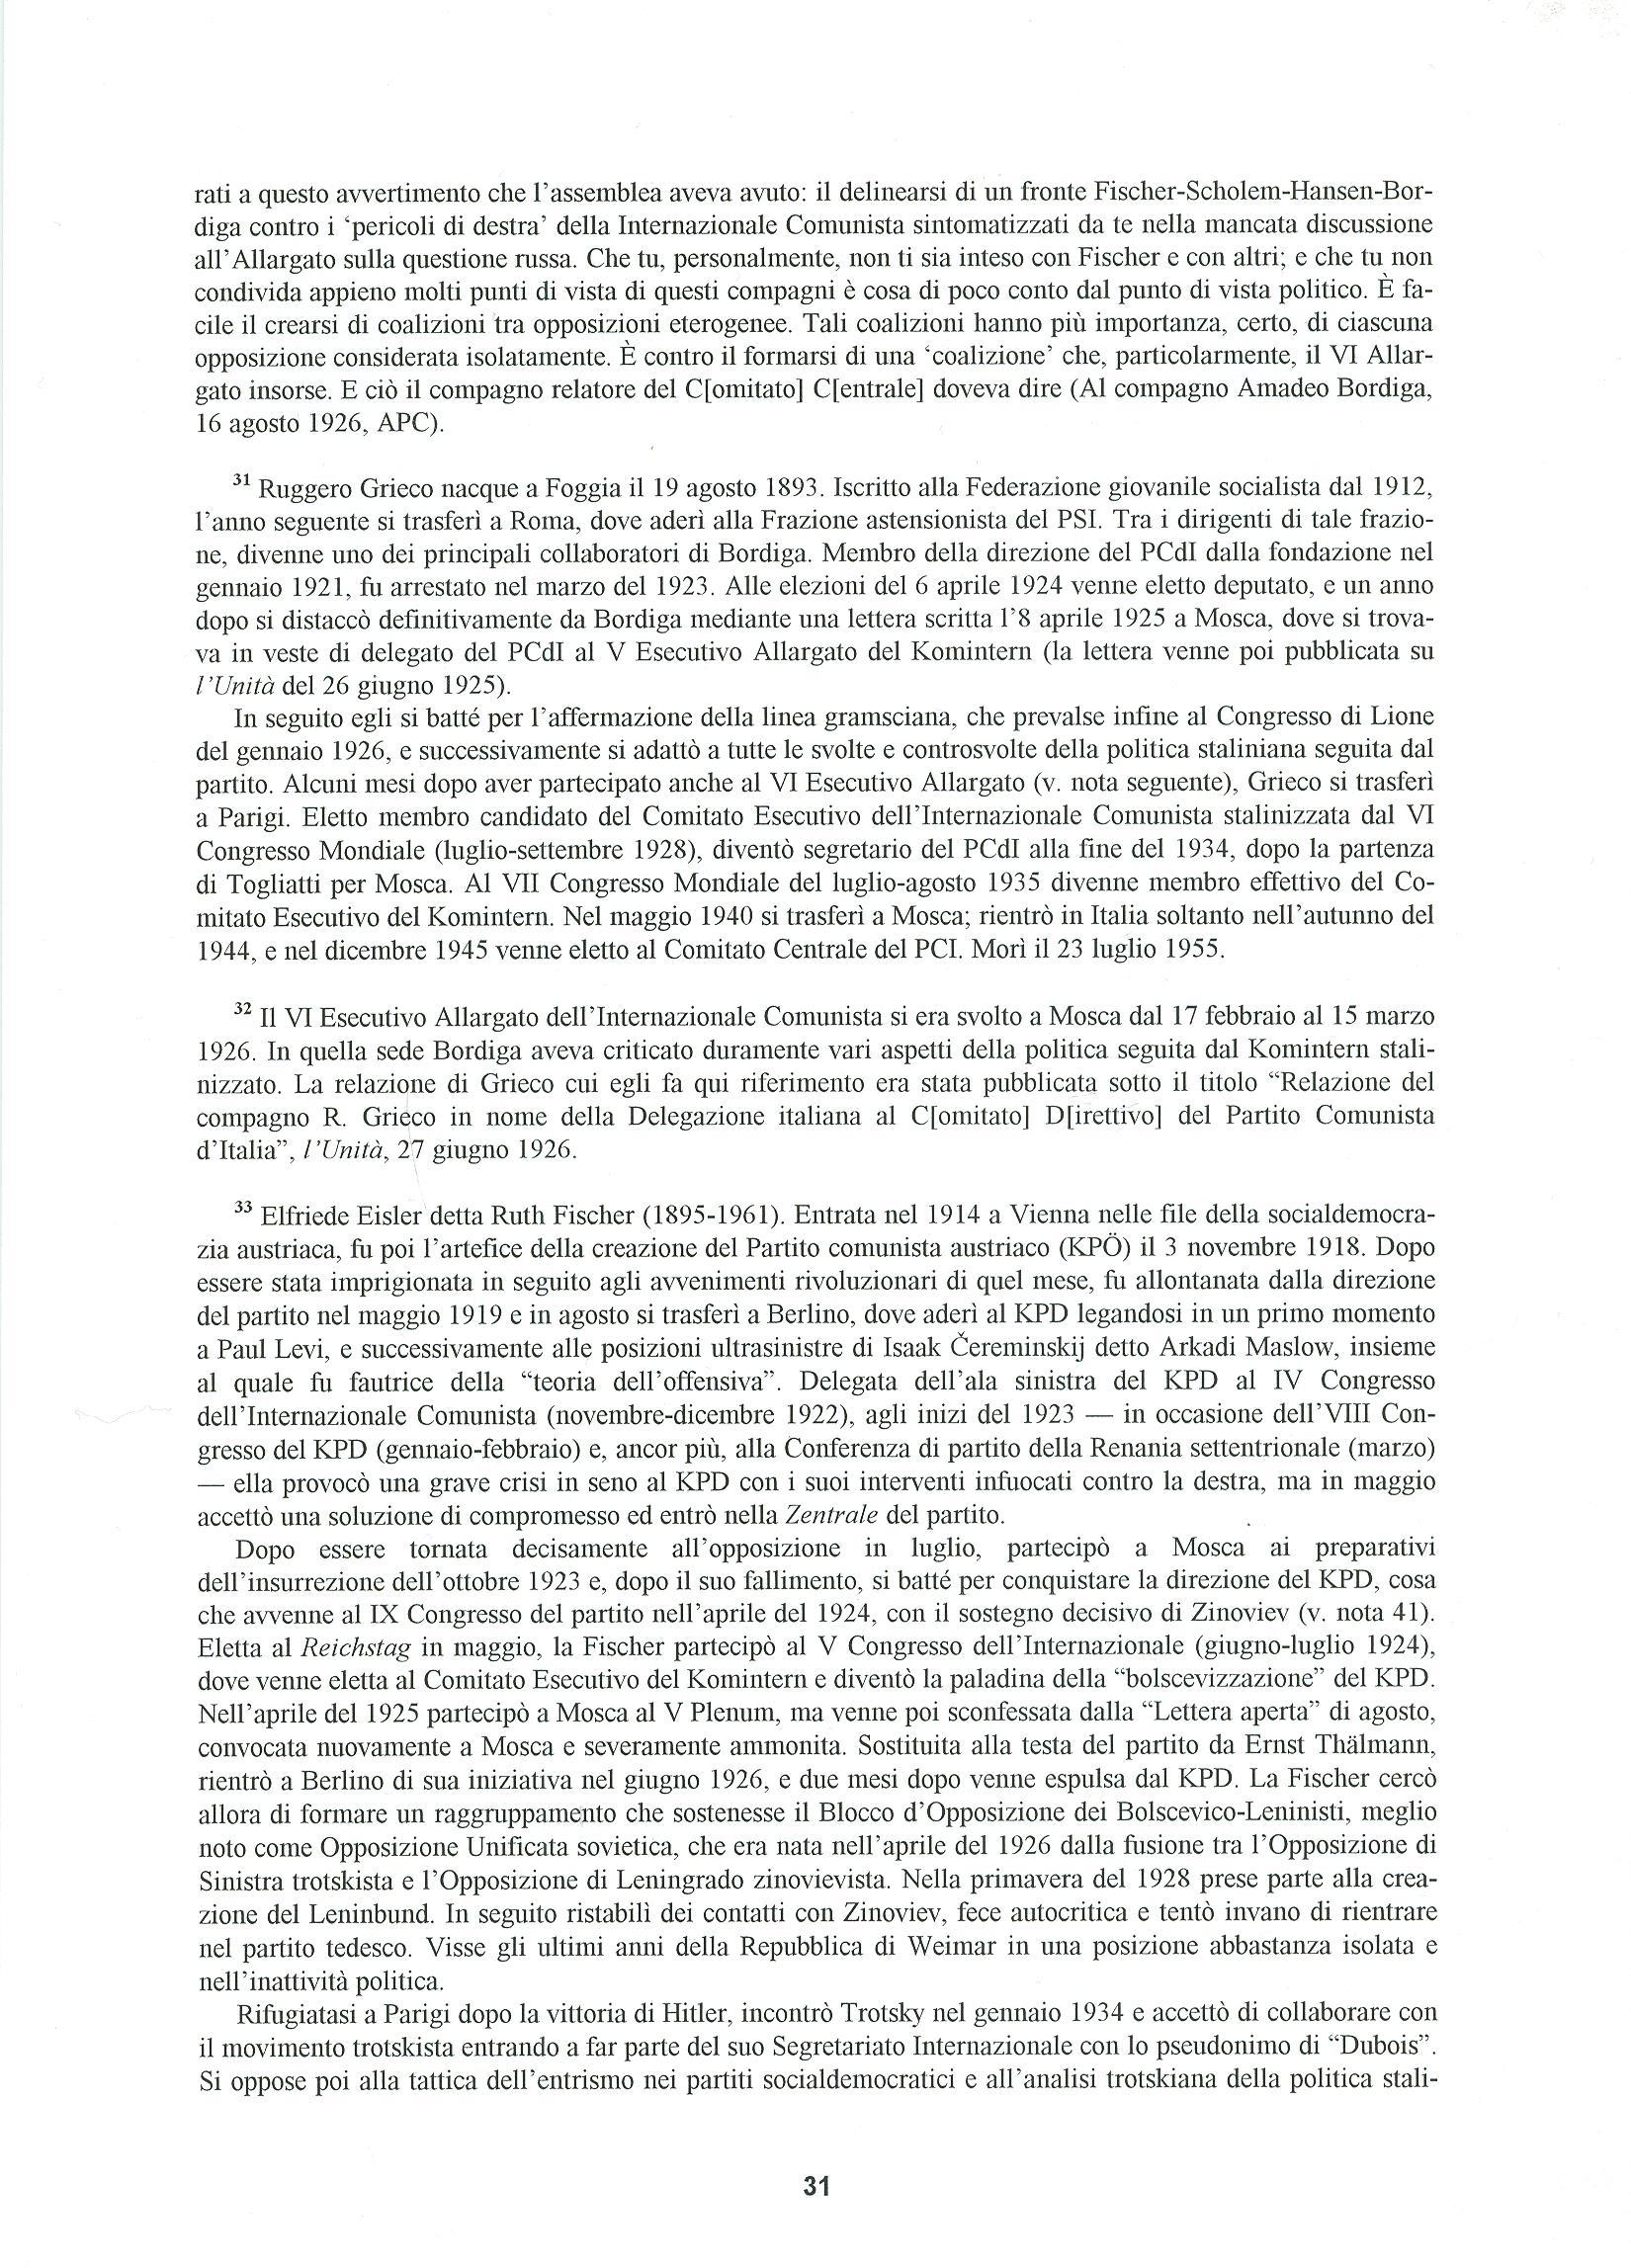 Quaderni del Centro Studi Pietro Tresso (1996-2009) n. 14 (novembre 1998) - pag. 32